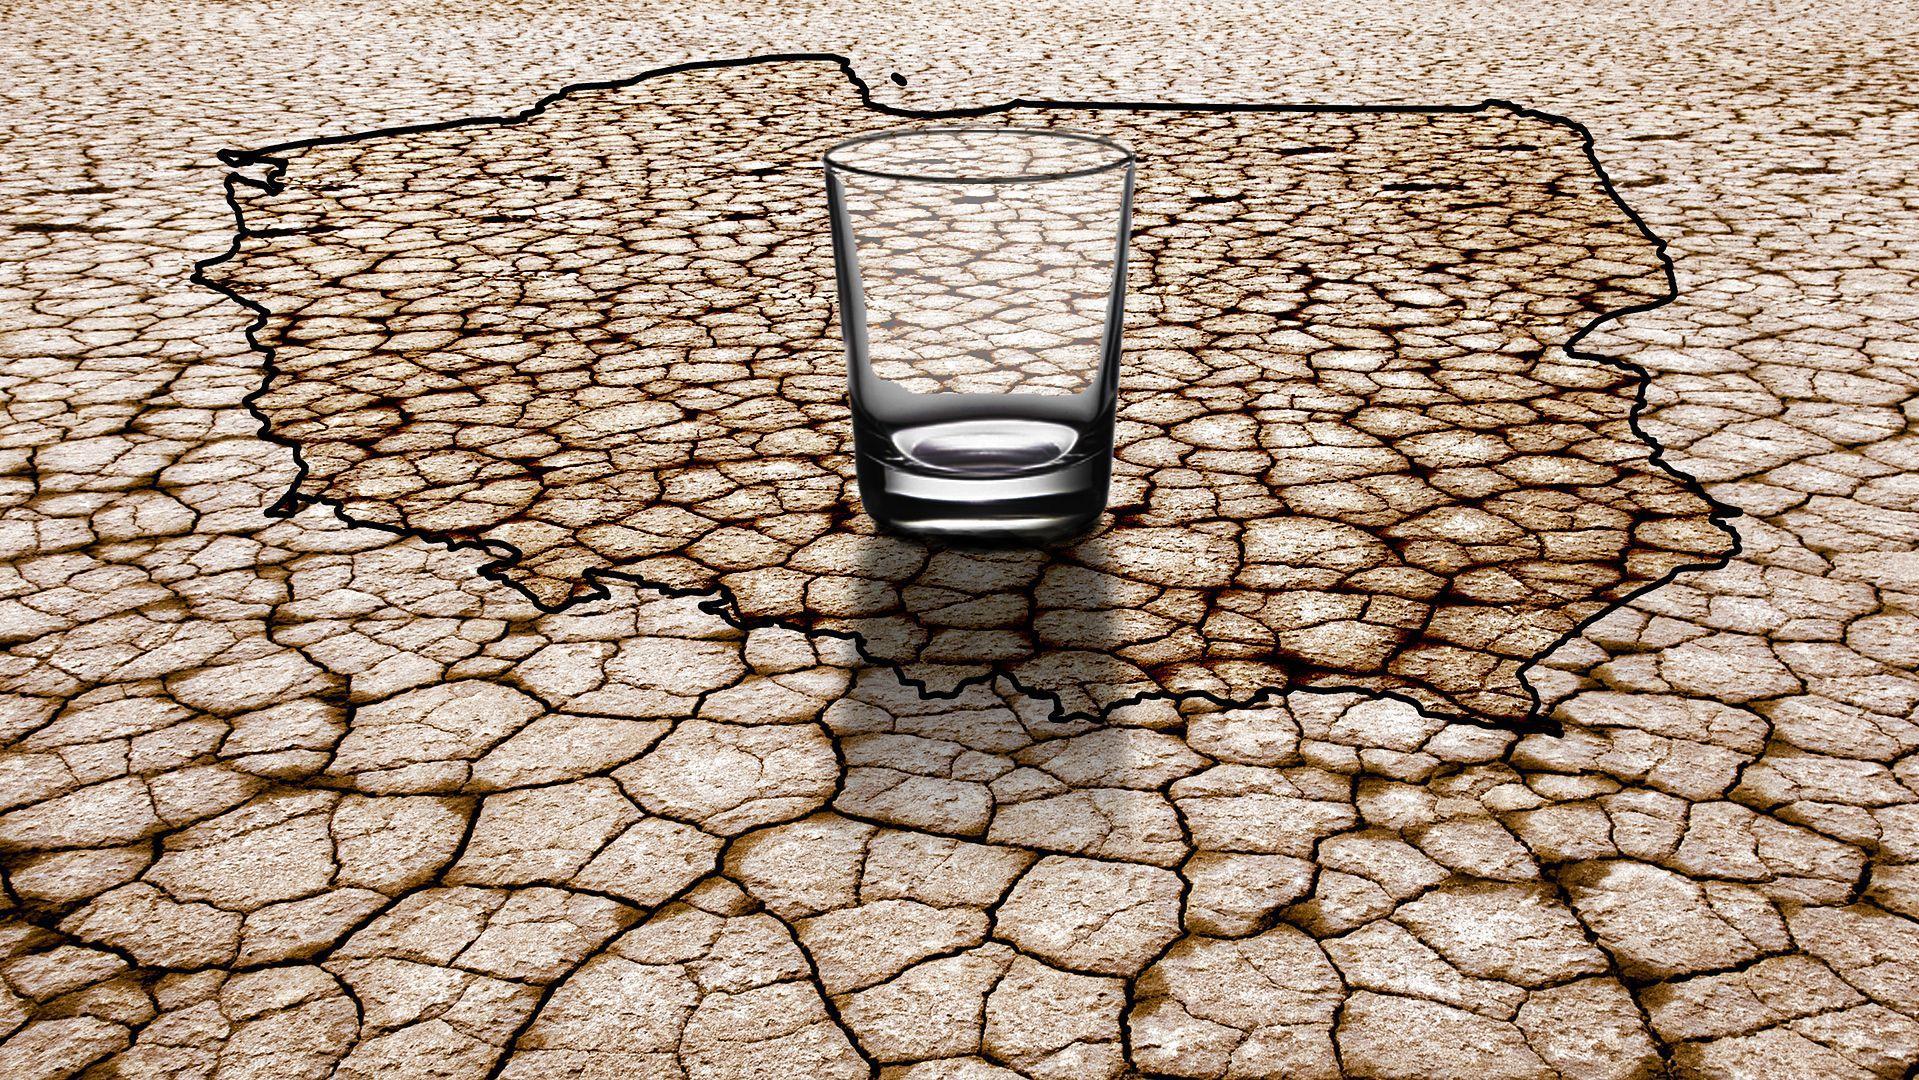 - Zasoby wody przelicza się na jednego mieszkańca. A liczba ludności gwałtownie wzrasta - tłumaczy prof. Kazimierz Banasik